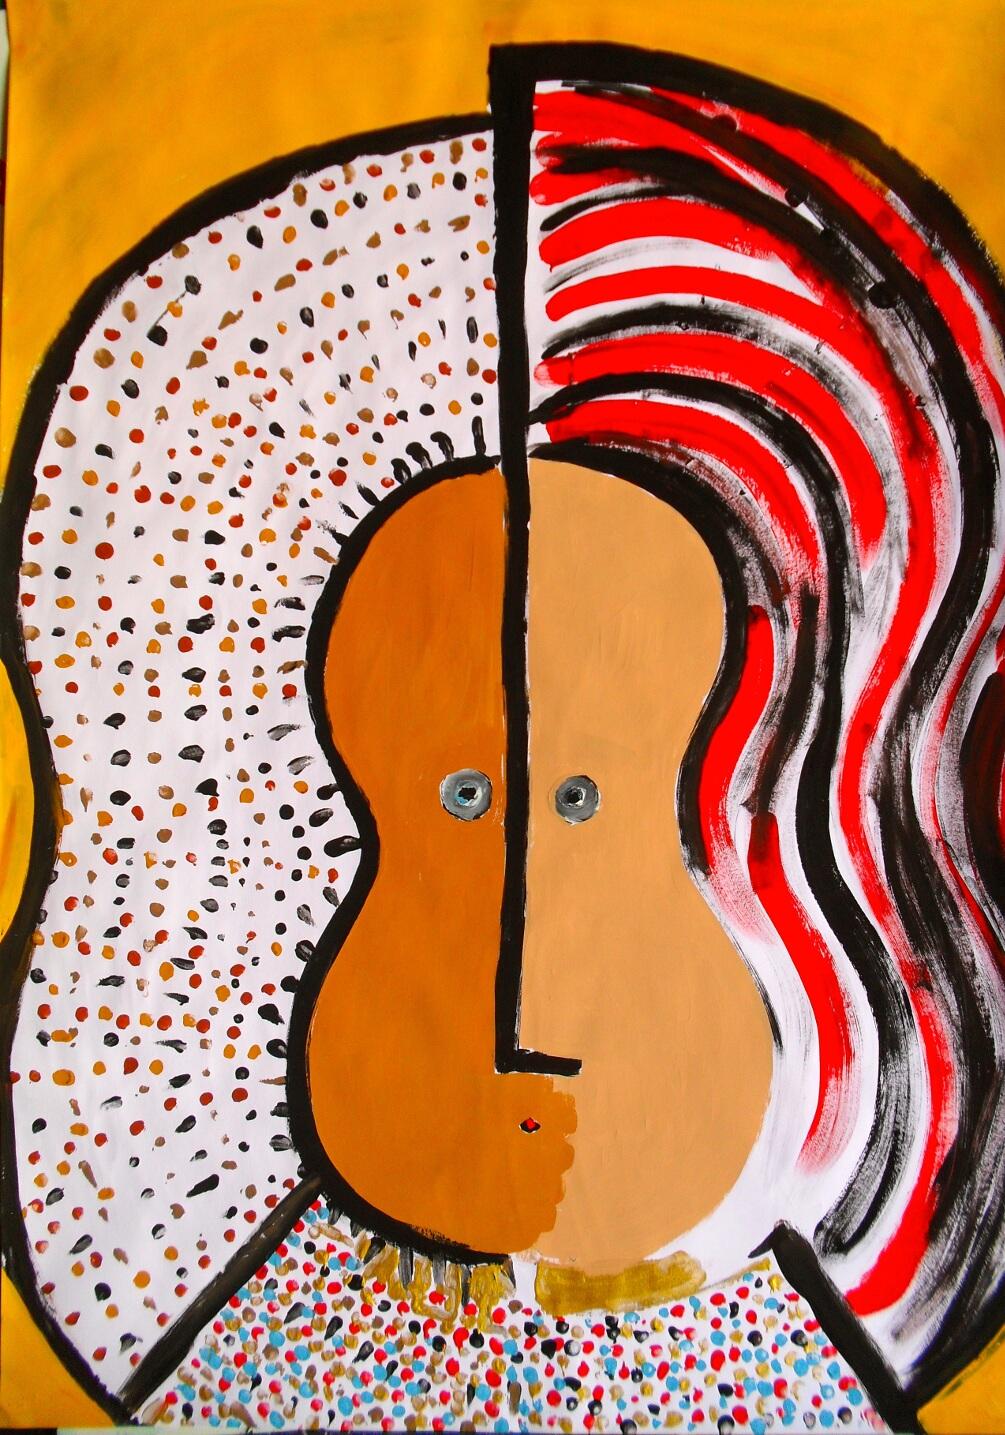 Empezando otra vez - Cuadro en venta Artista Maite Arriaga